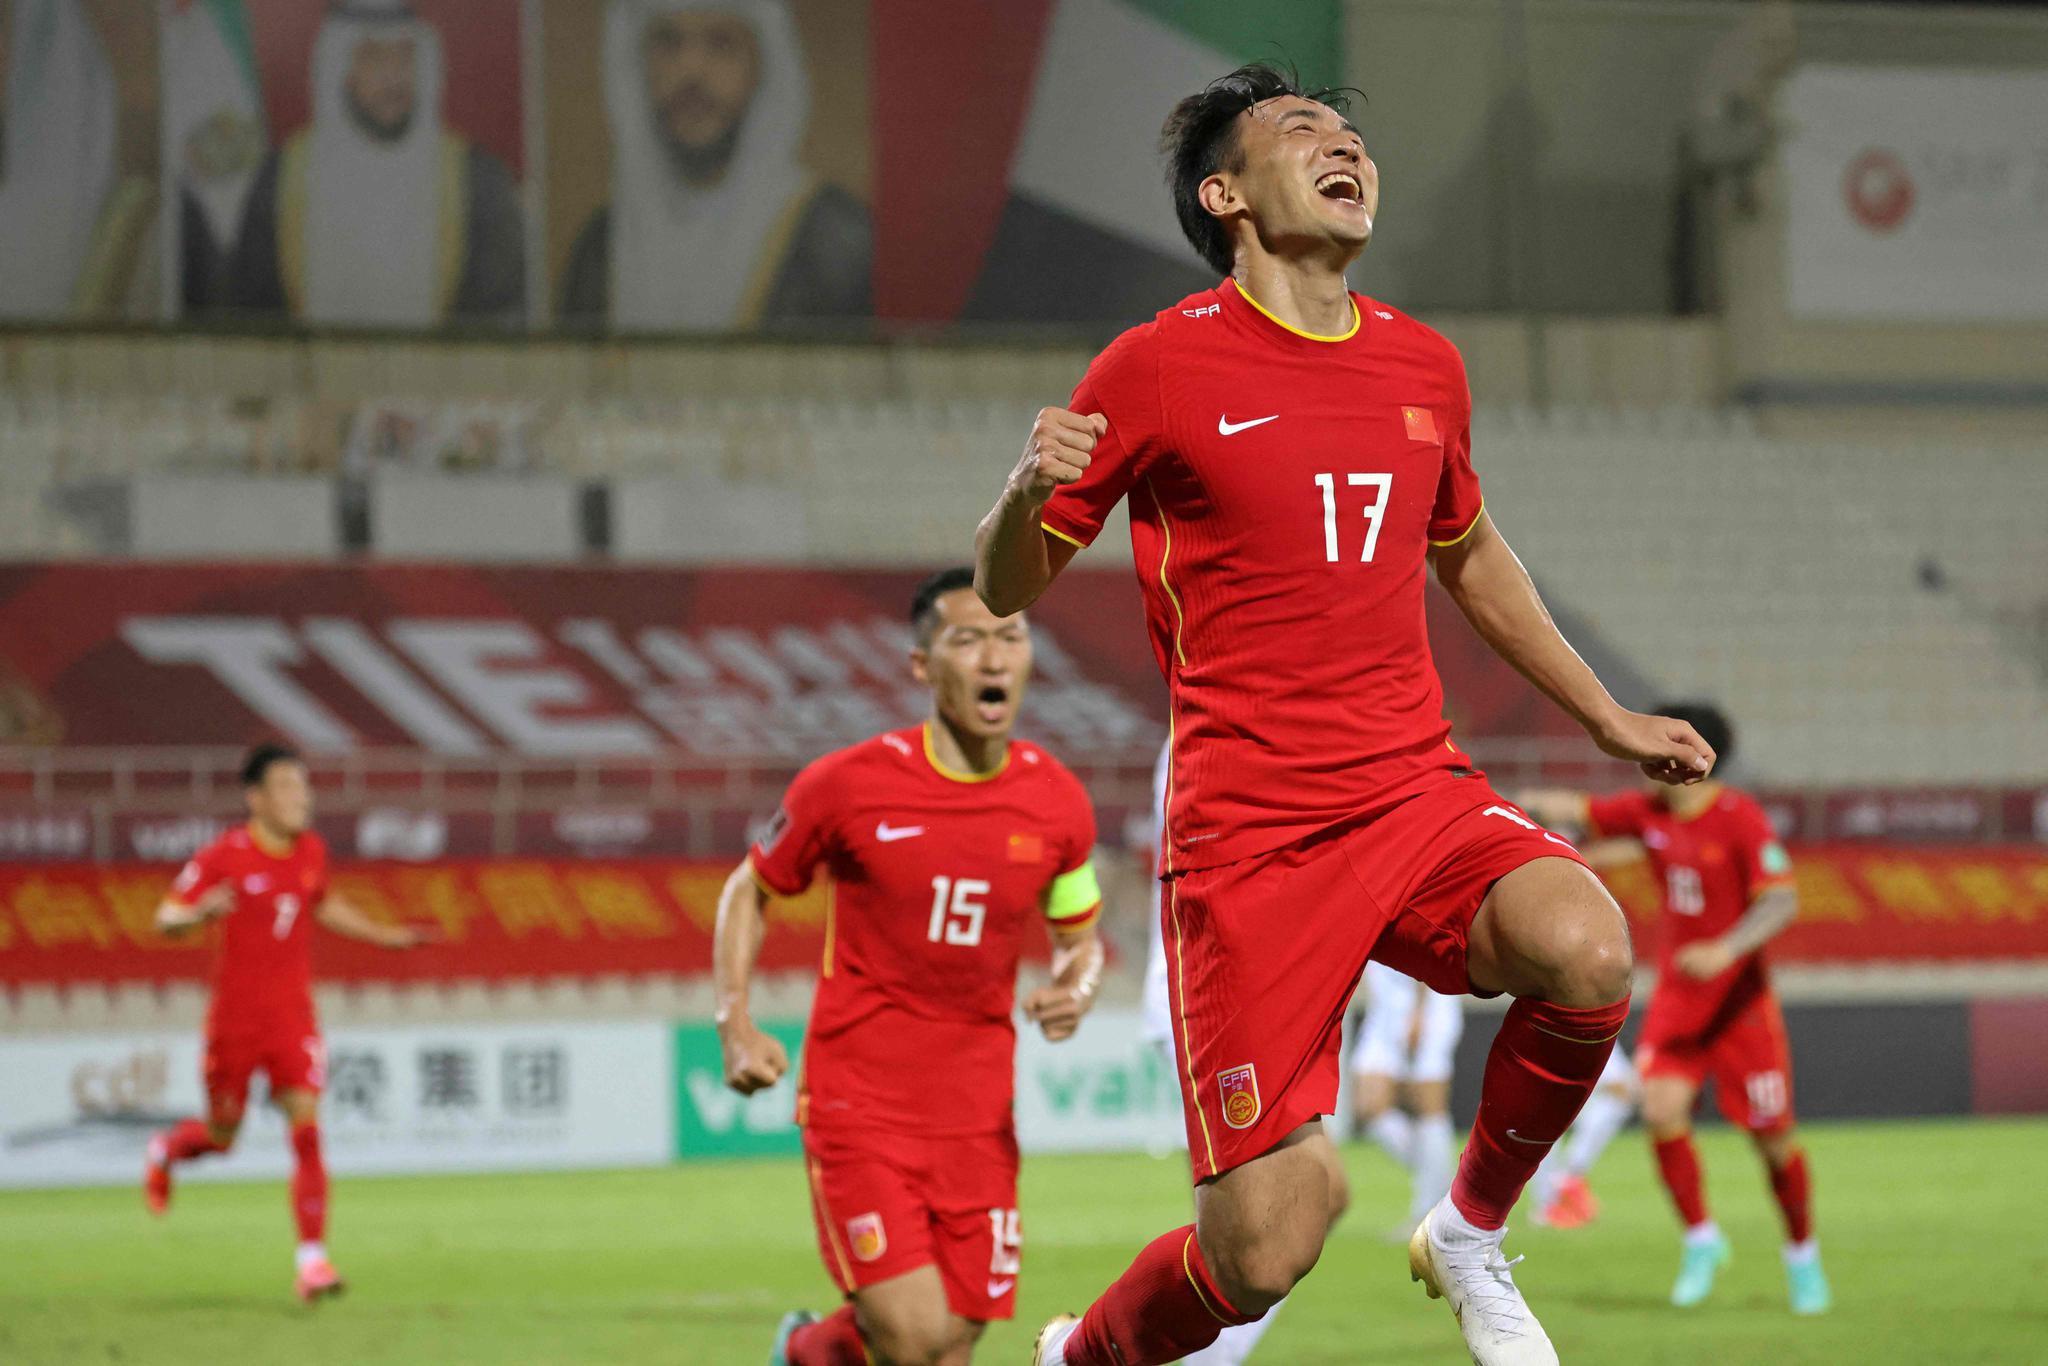 国足需要放平心态,通过比赛提升经验。